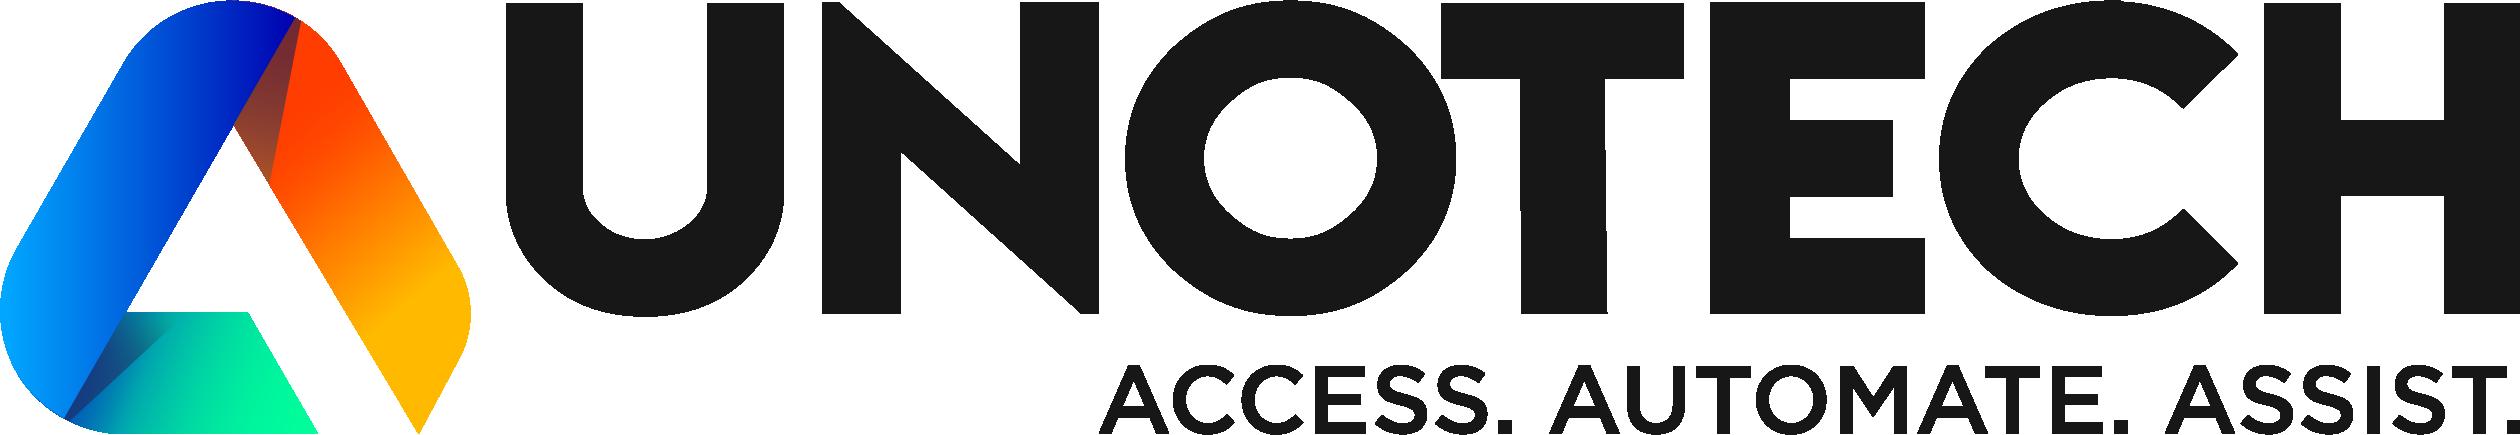 Unotech-logo-1